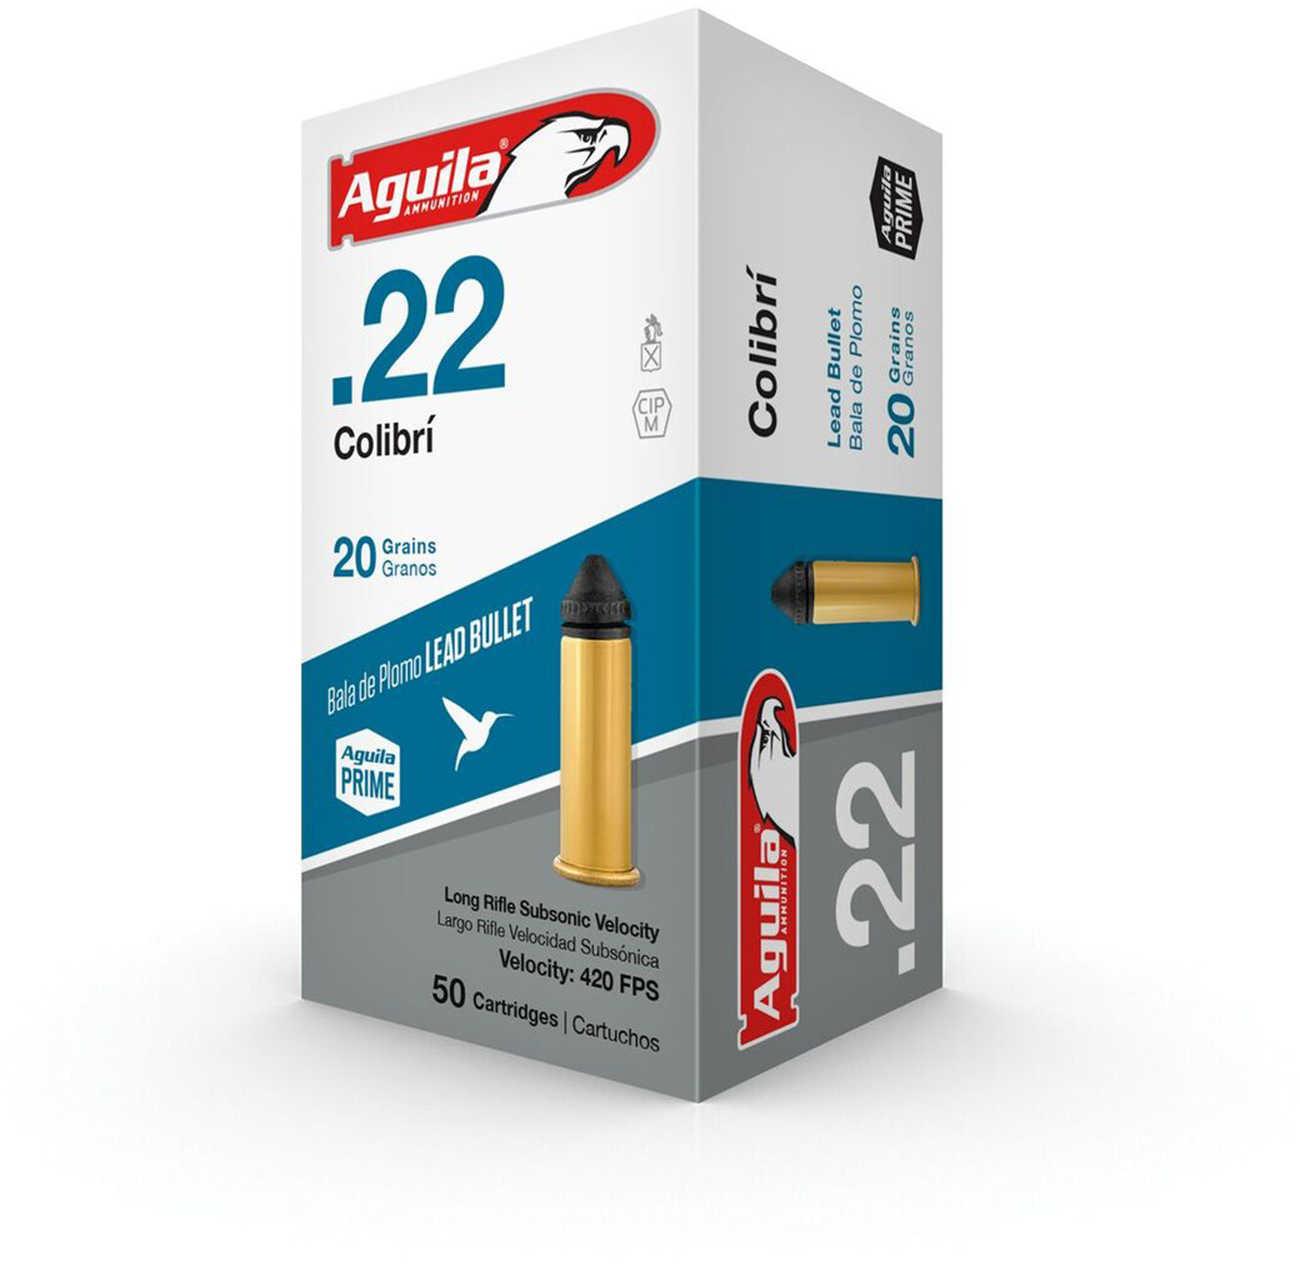 1B222337 Colibri 22 Long Rifle (LR) 20 Grains Colibri Subsonic Lead 50 Rounds